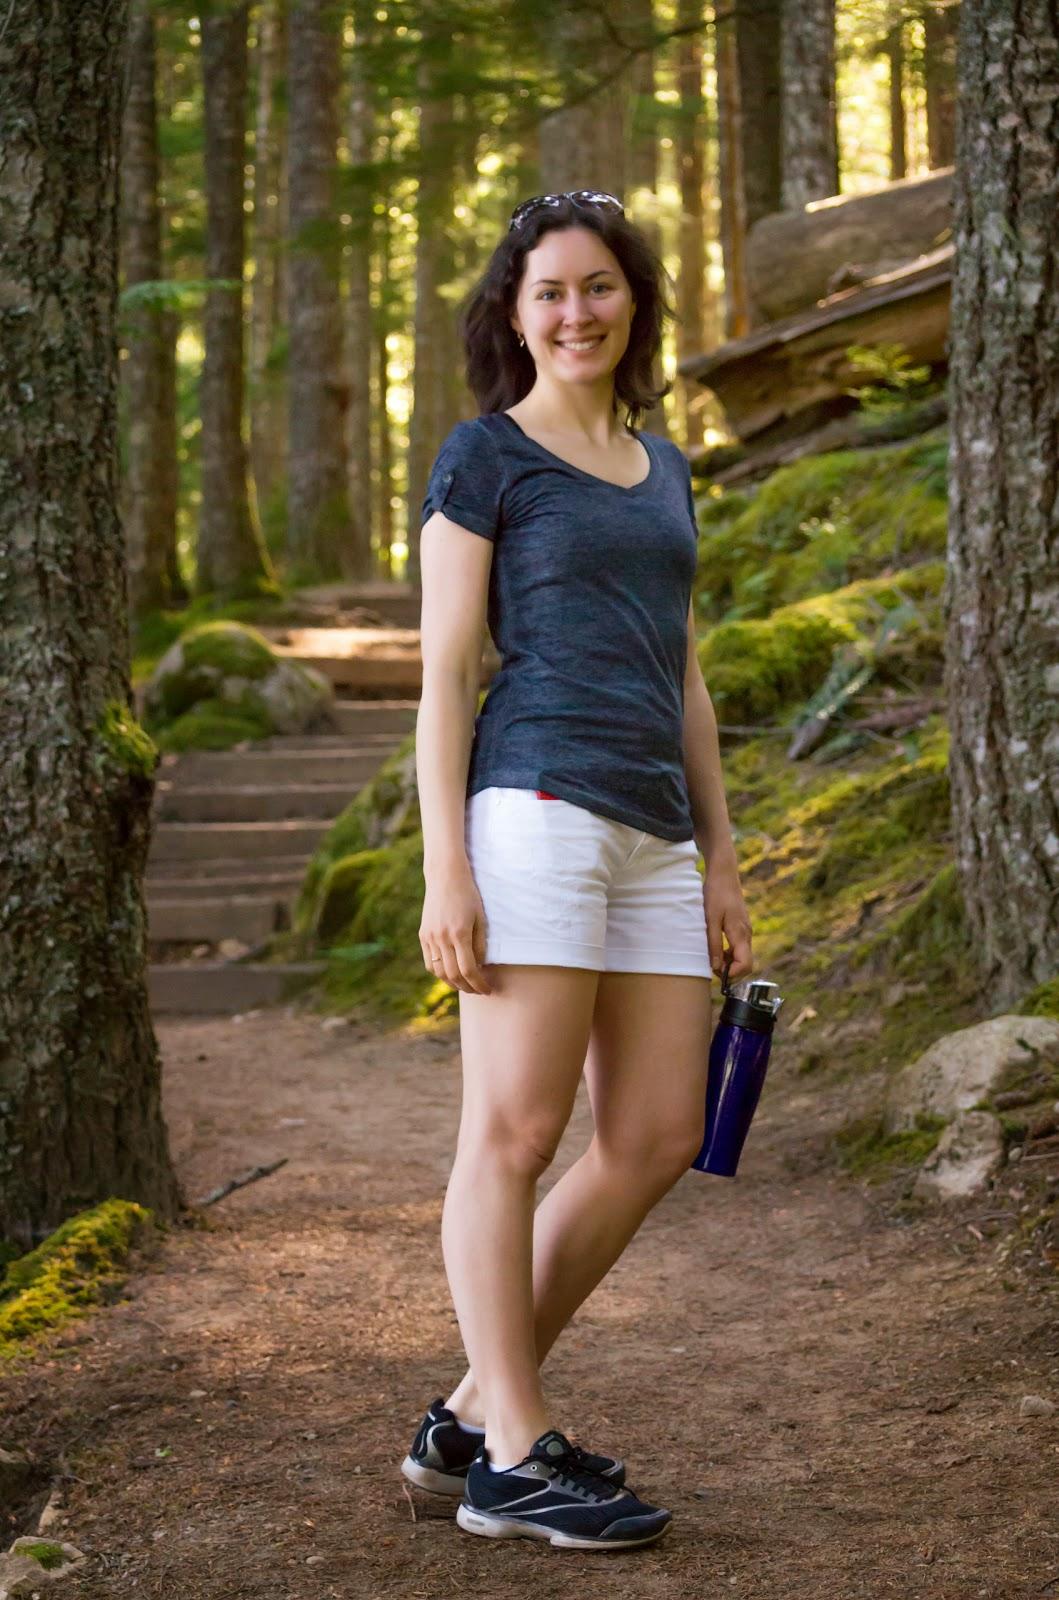 К лесной прогулке готовы.